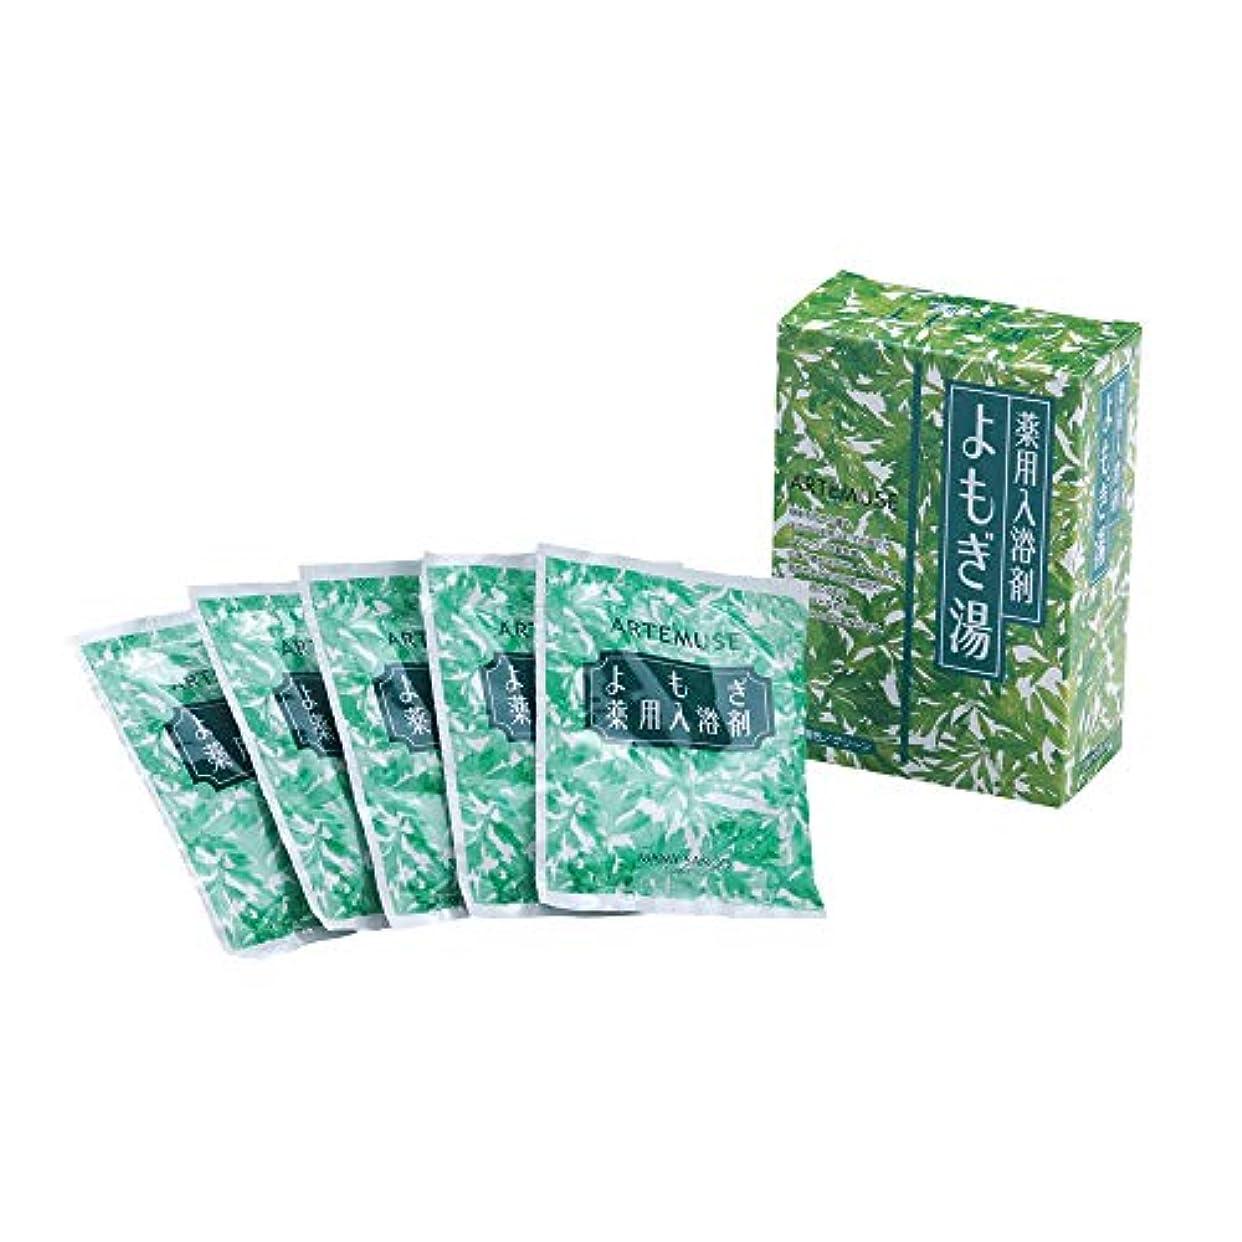 変換する経験者代わりにを立てるマミーサンゴ よもぎ入浴剤 薬用バスソルトA [分包タイプ] 30g×5包入 (1箱)